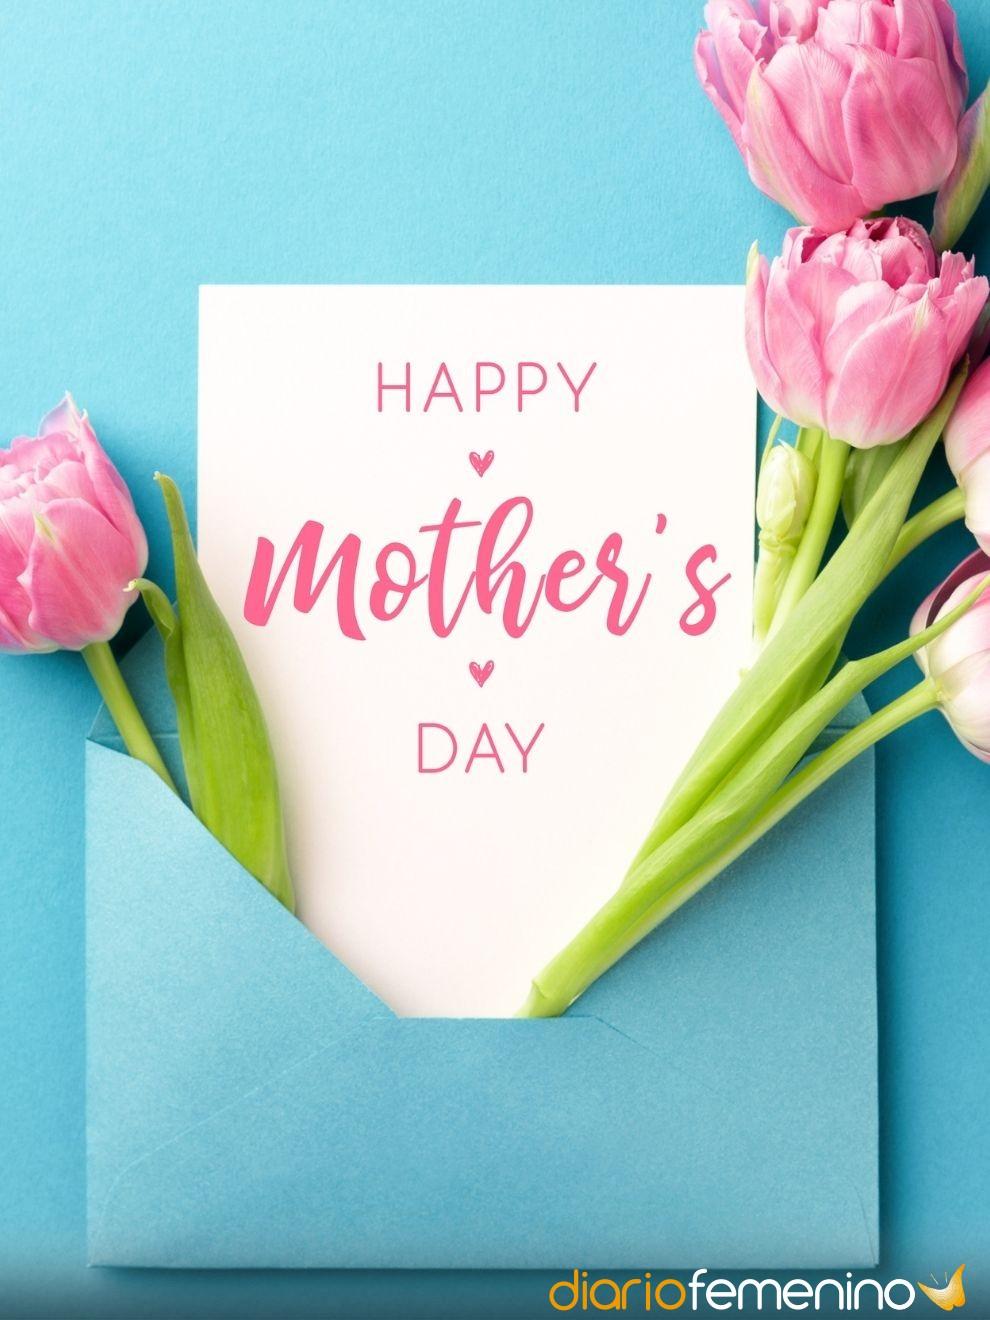 Flores y tarjetas para celebrar el Día de la Madre